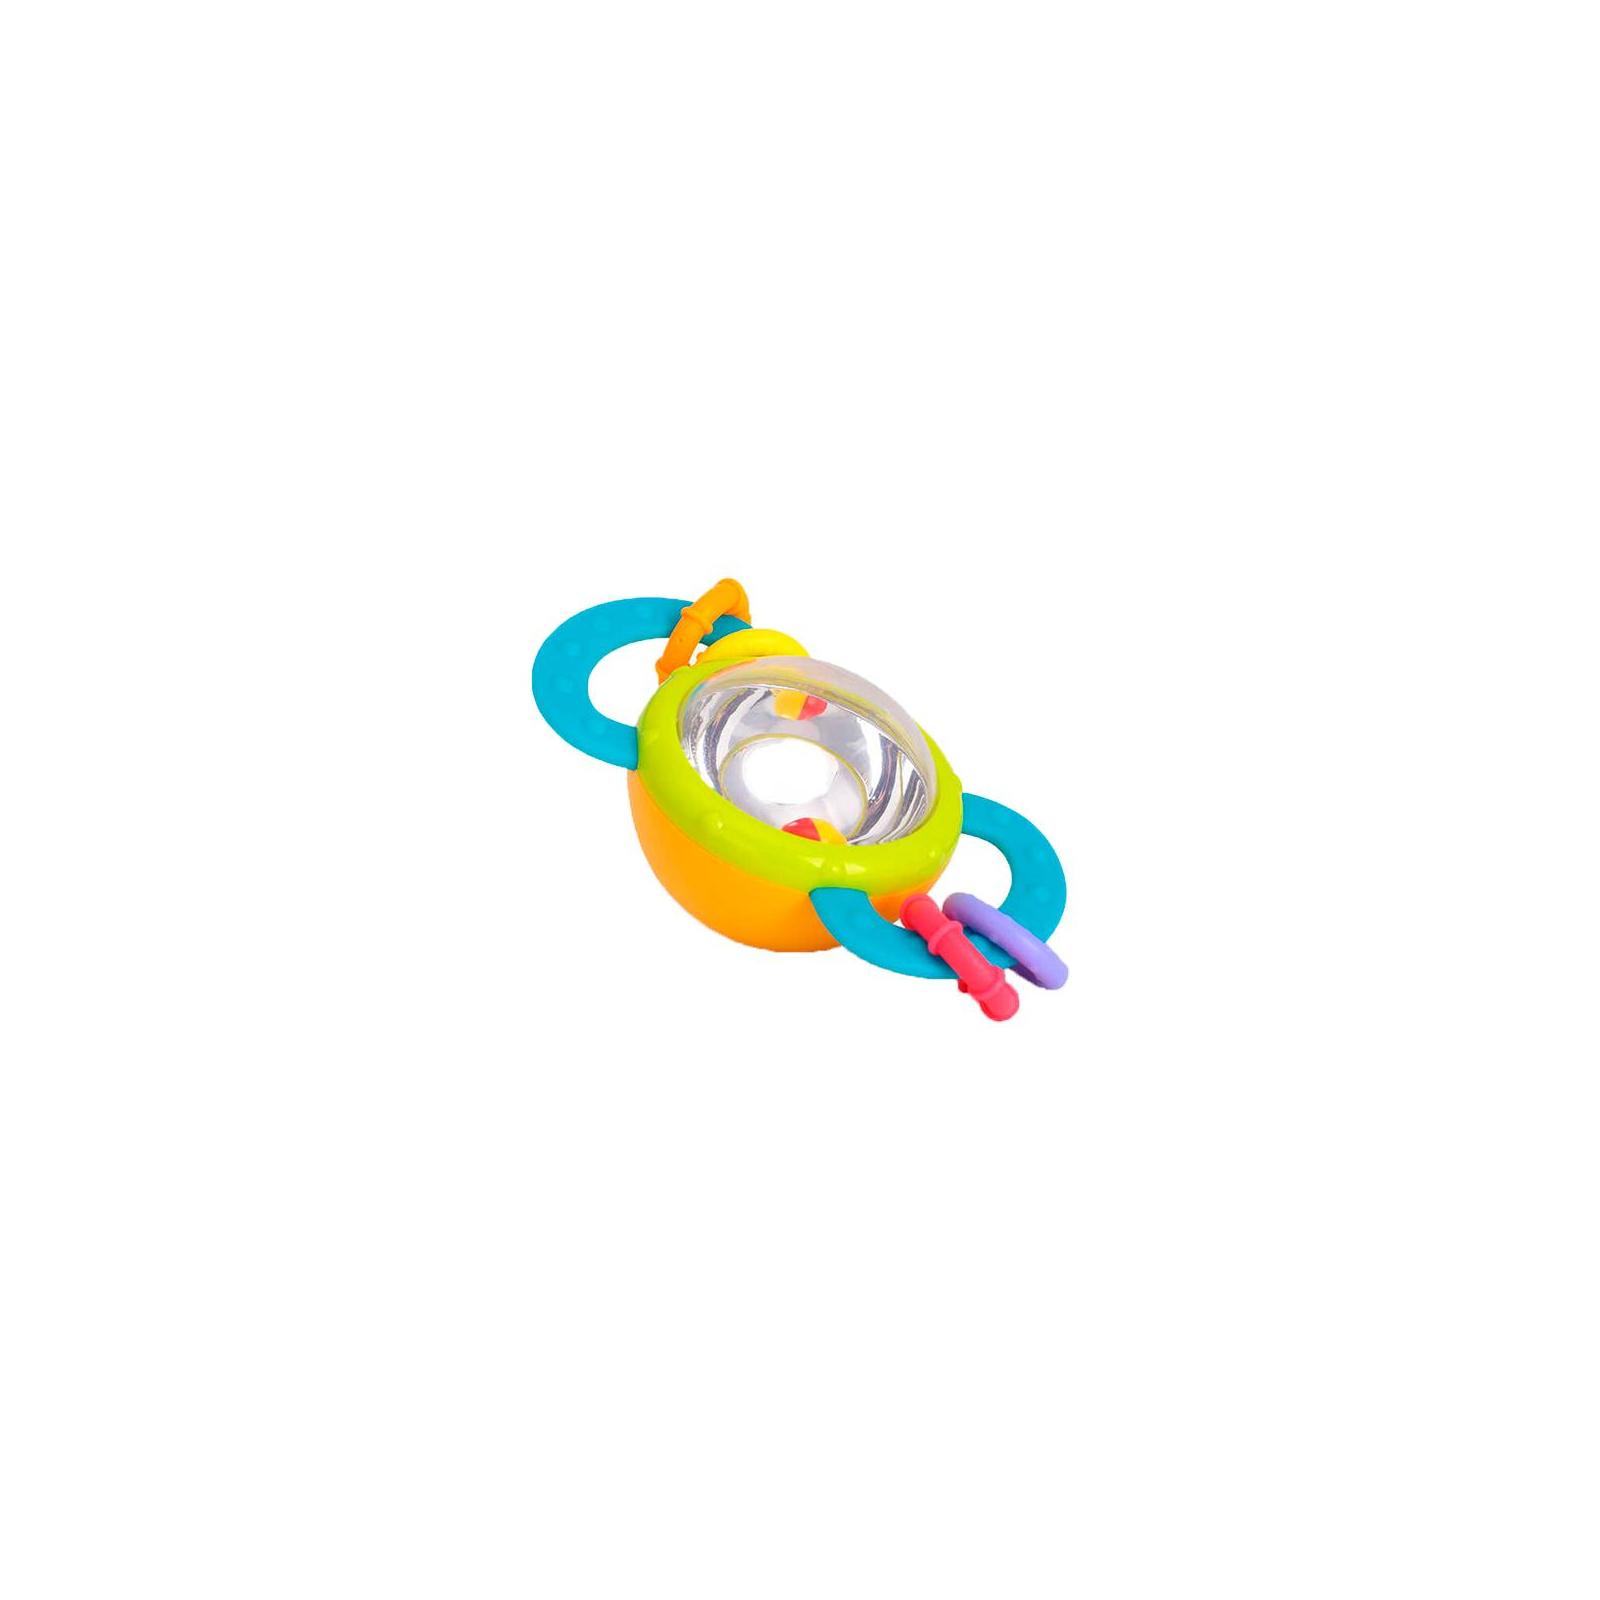 Погремушка Hola Toys Шарик (939-2) изображение 2